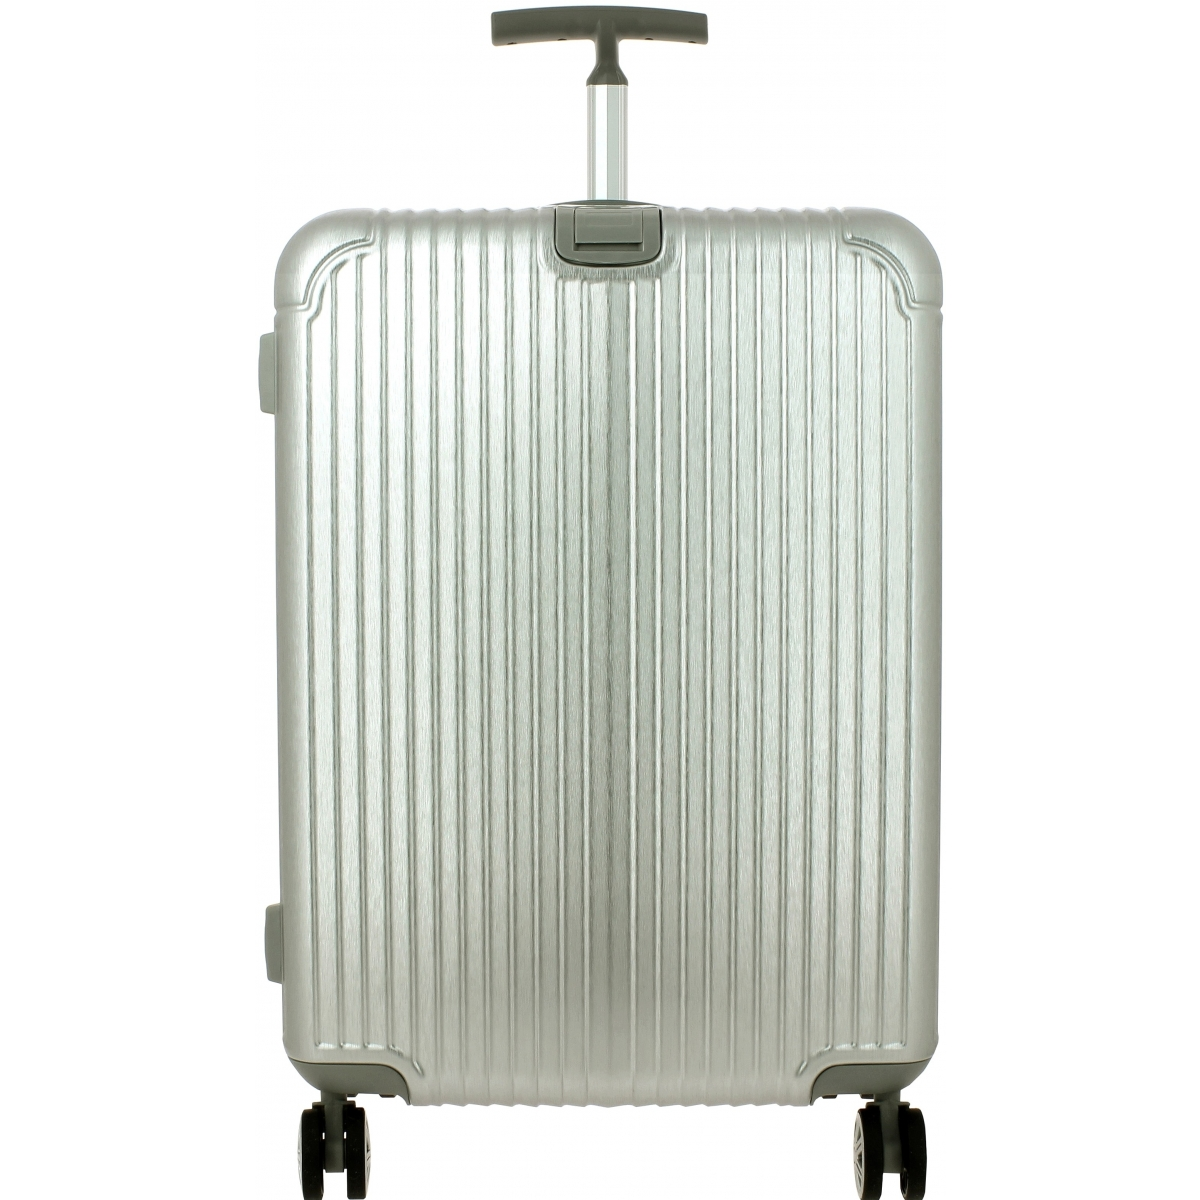 valise rigide david jones taille m 67cm tsa ba20631m couleur principale gris 11 promotion. Black Bedroom Furniture Sets. Home Design Ideas